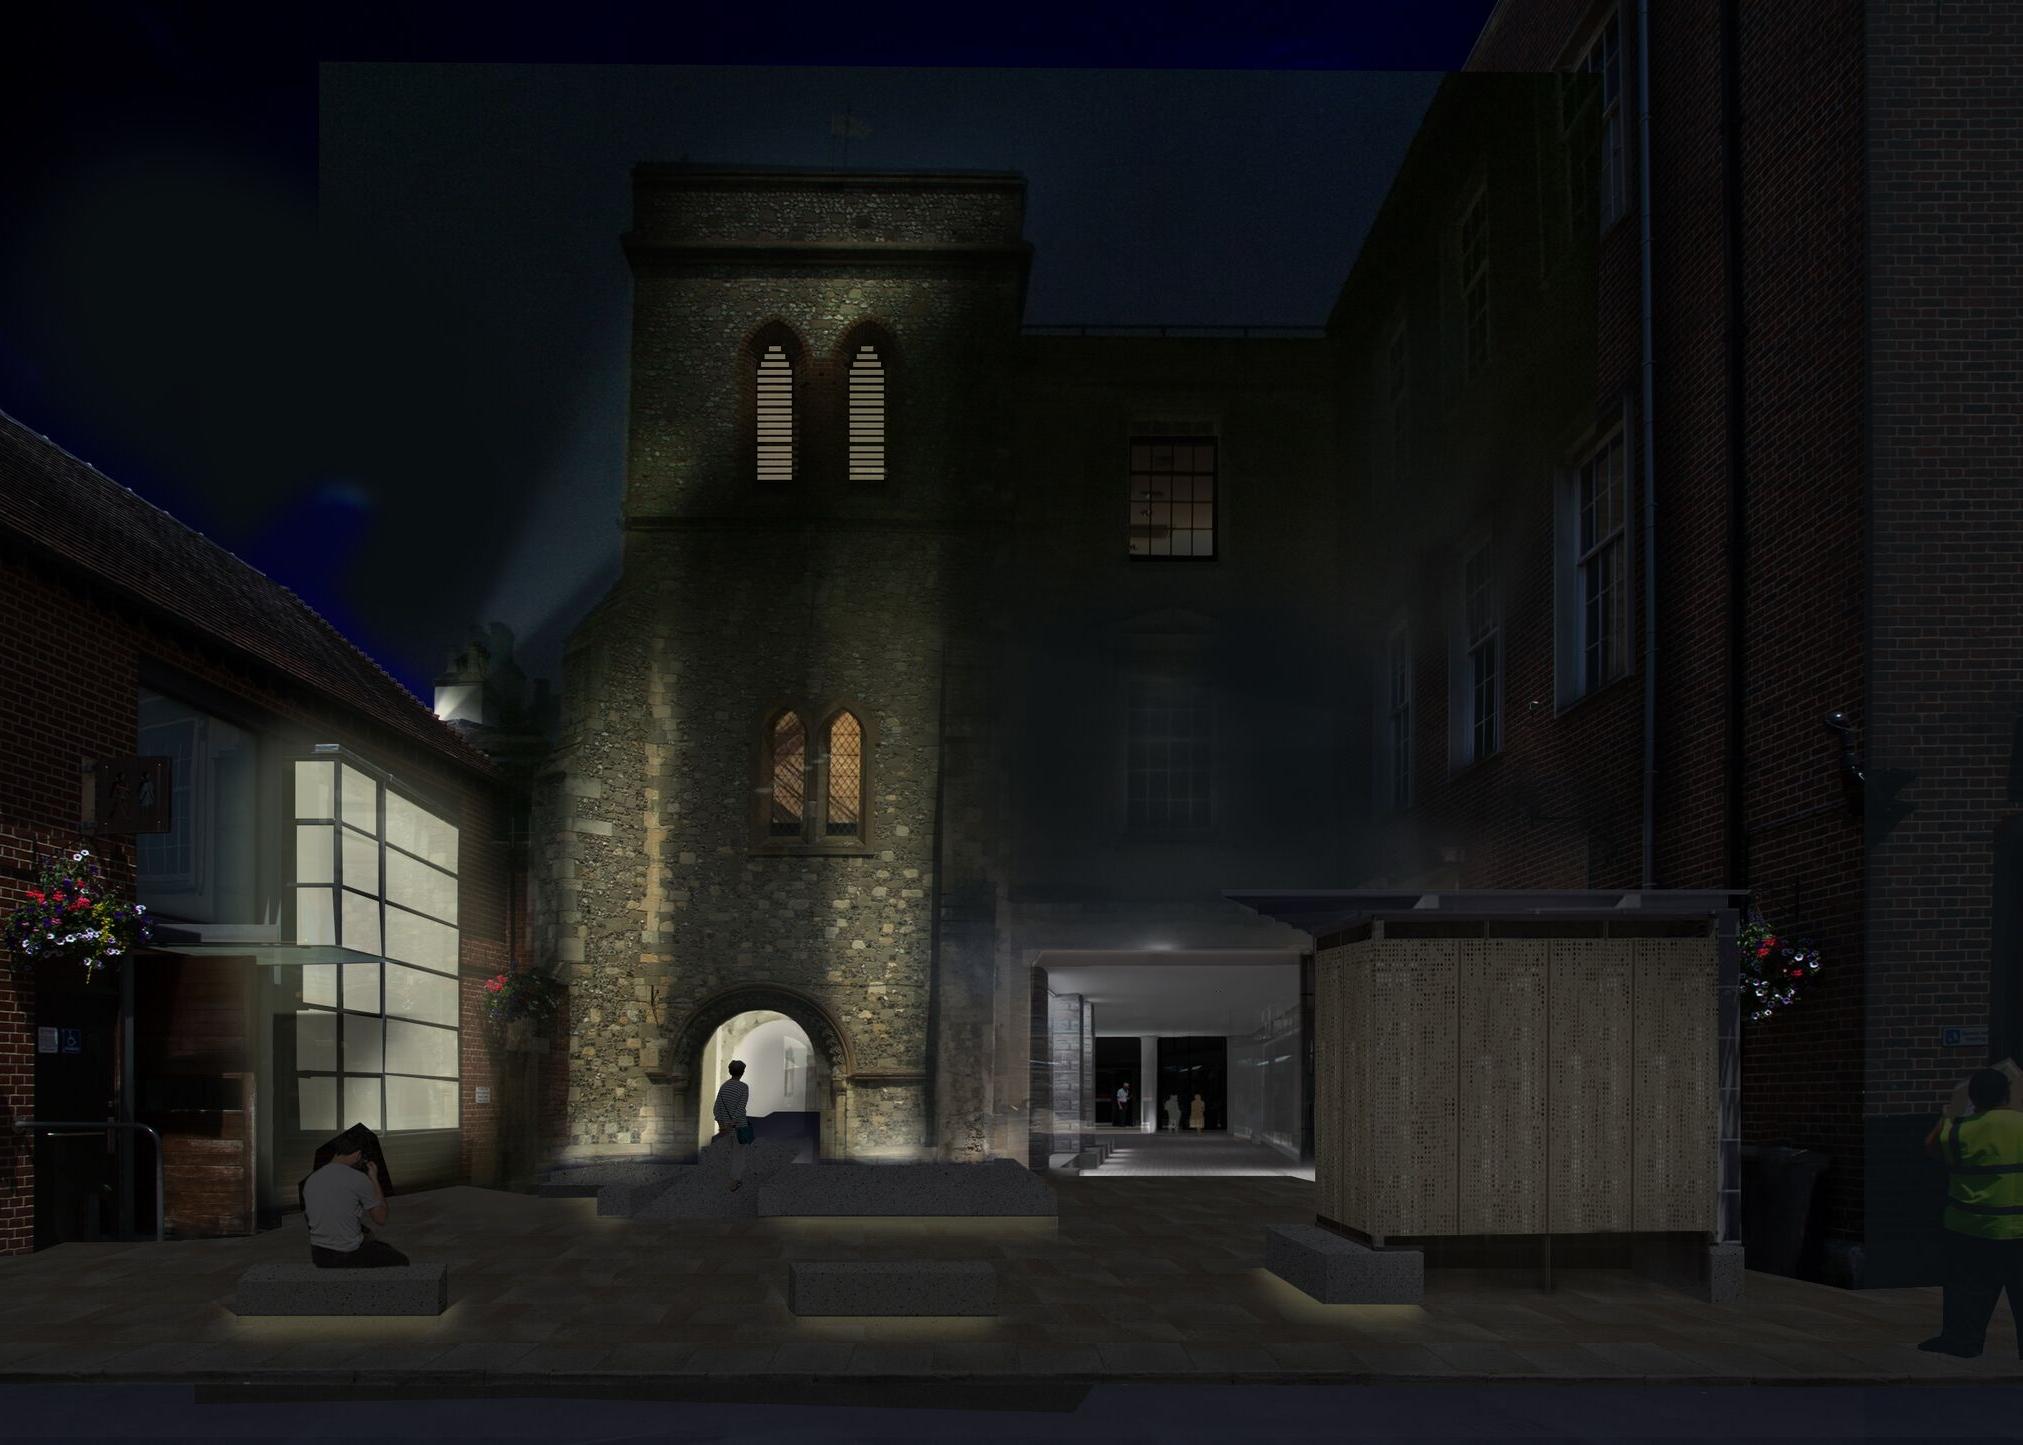 171023 Market Lane Night view_preview.jpg